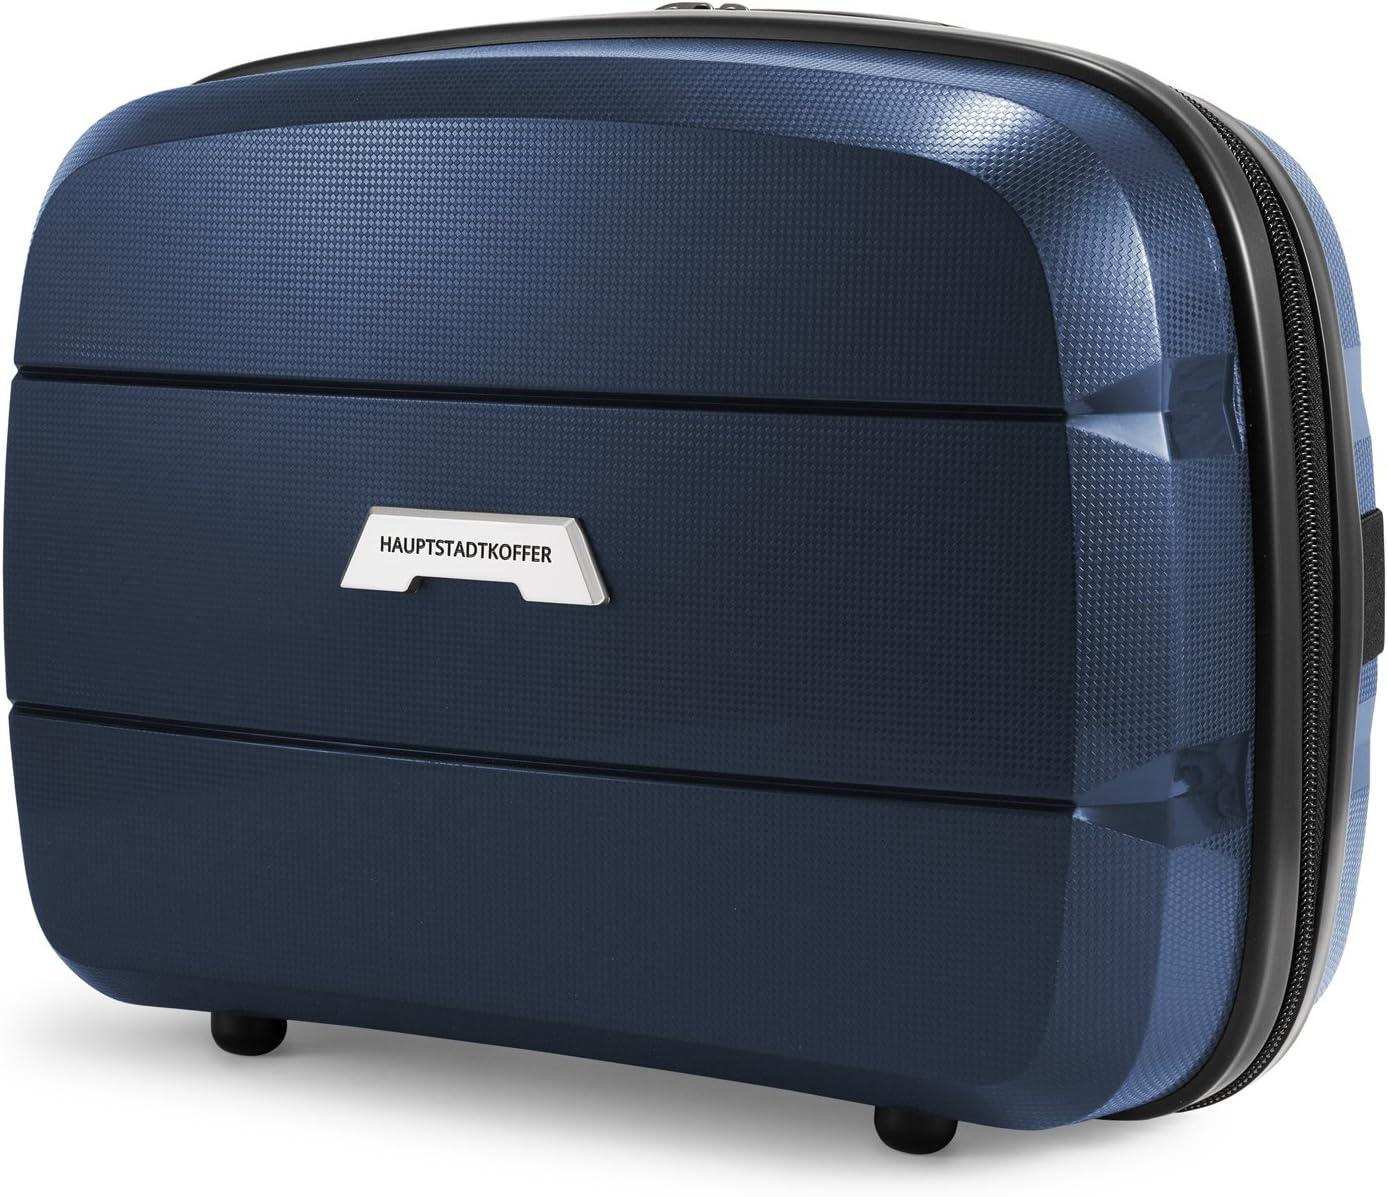 HAUPTSTADTKOFFER - BRITZ - Neceser rígido Beauty Case para Viaje, Beautycase, Transporte cómodo en la Maleta, Maletin cosmético, 23 cm, 12 L - Azul Oscuro